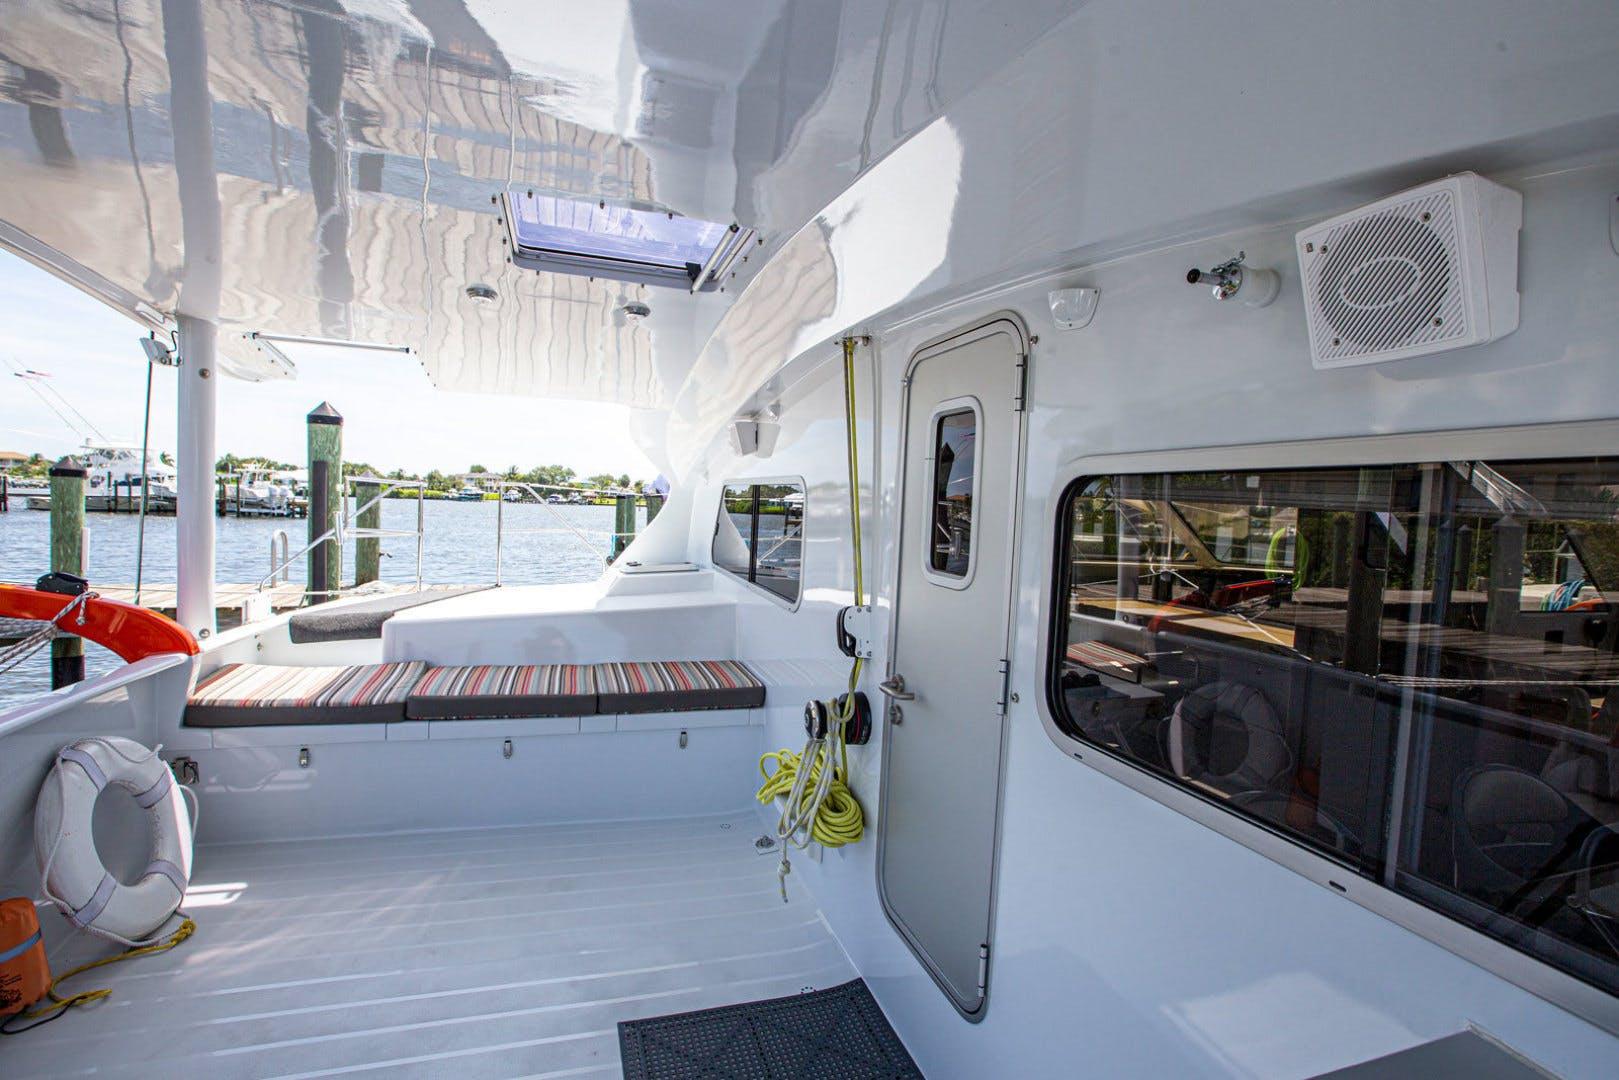 2018 Atlantic 49' 49 Catamaran Wabi Sabi | Picture 2 of 55